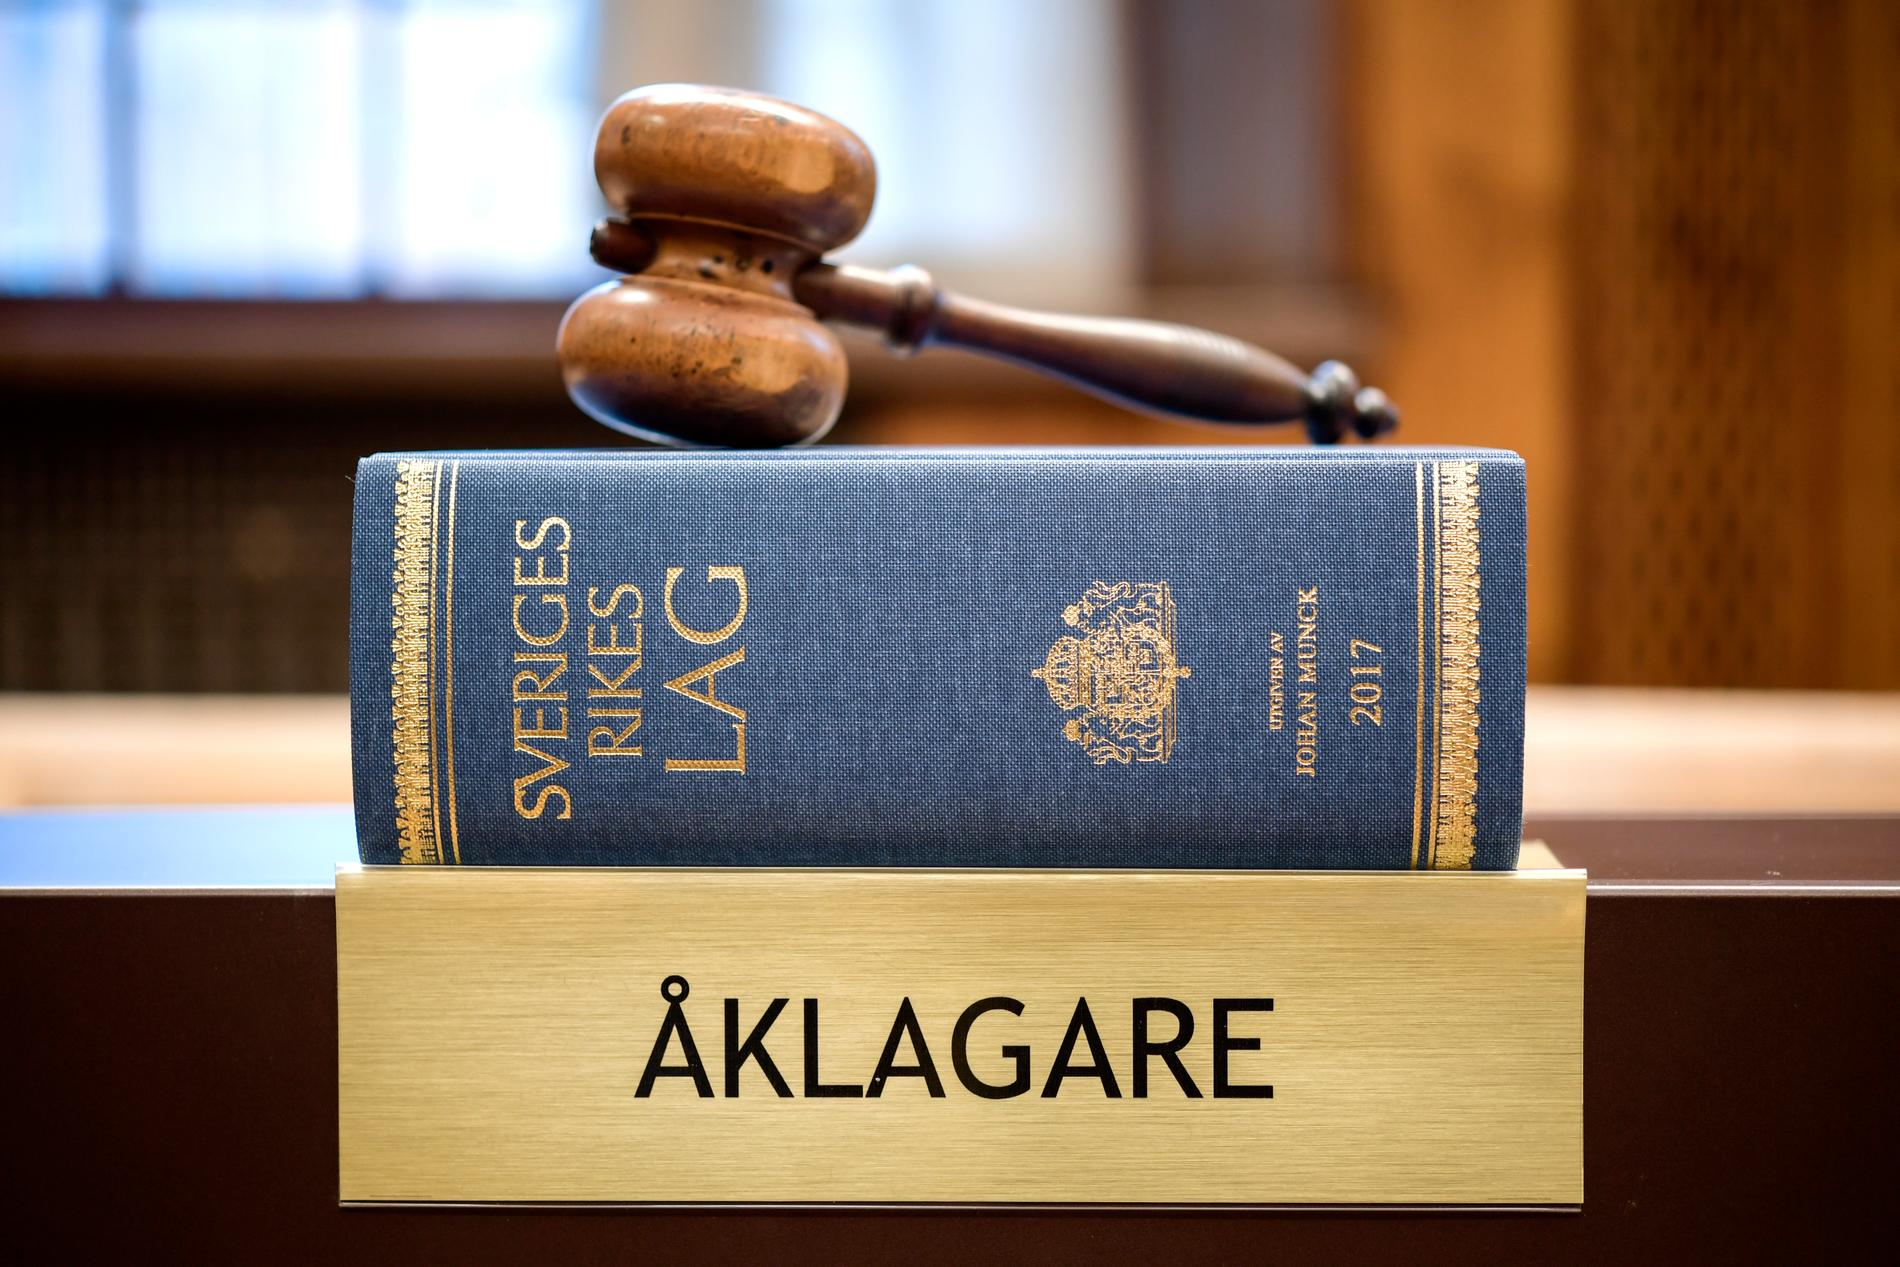 I slutet av februari höggs en man ihjäl i en lägenhet i Kalmar. Nu åtalas en man i 55-årsåldern för mord. Arkivbild.